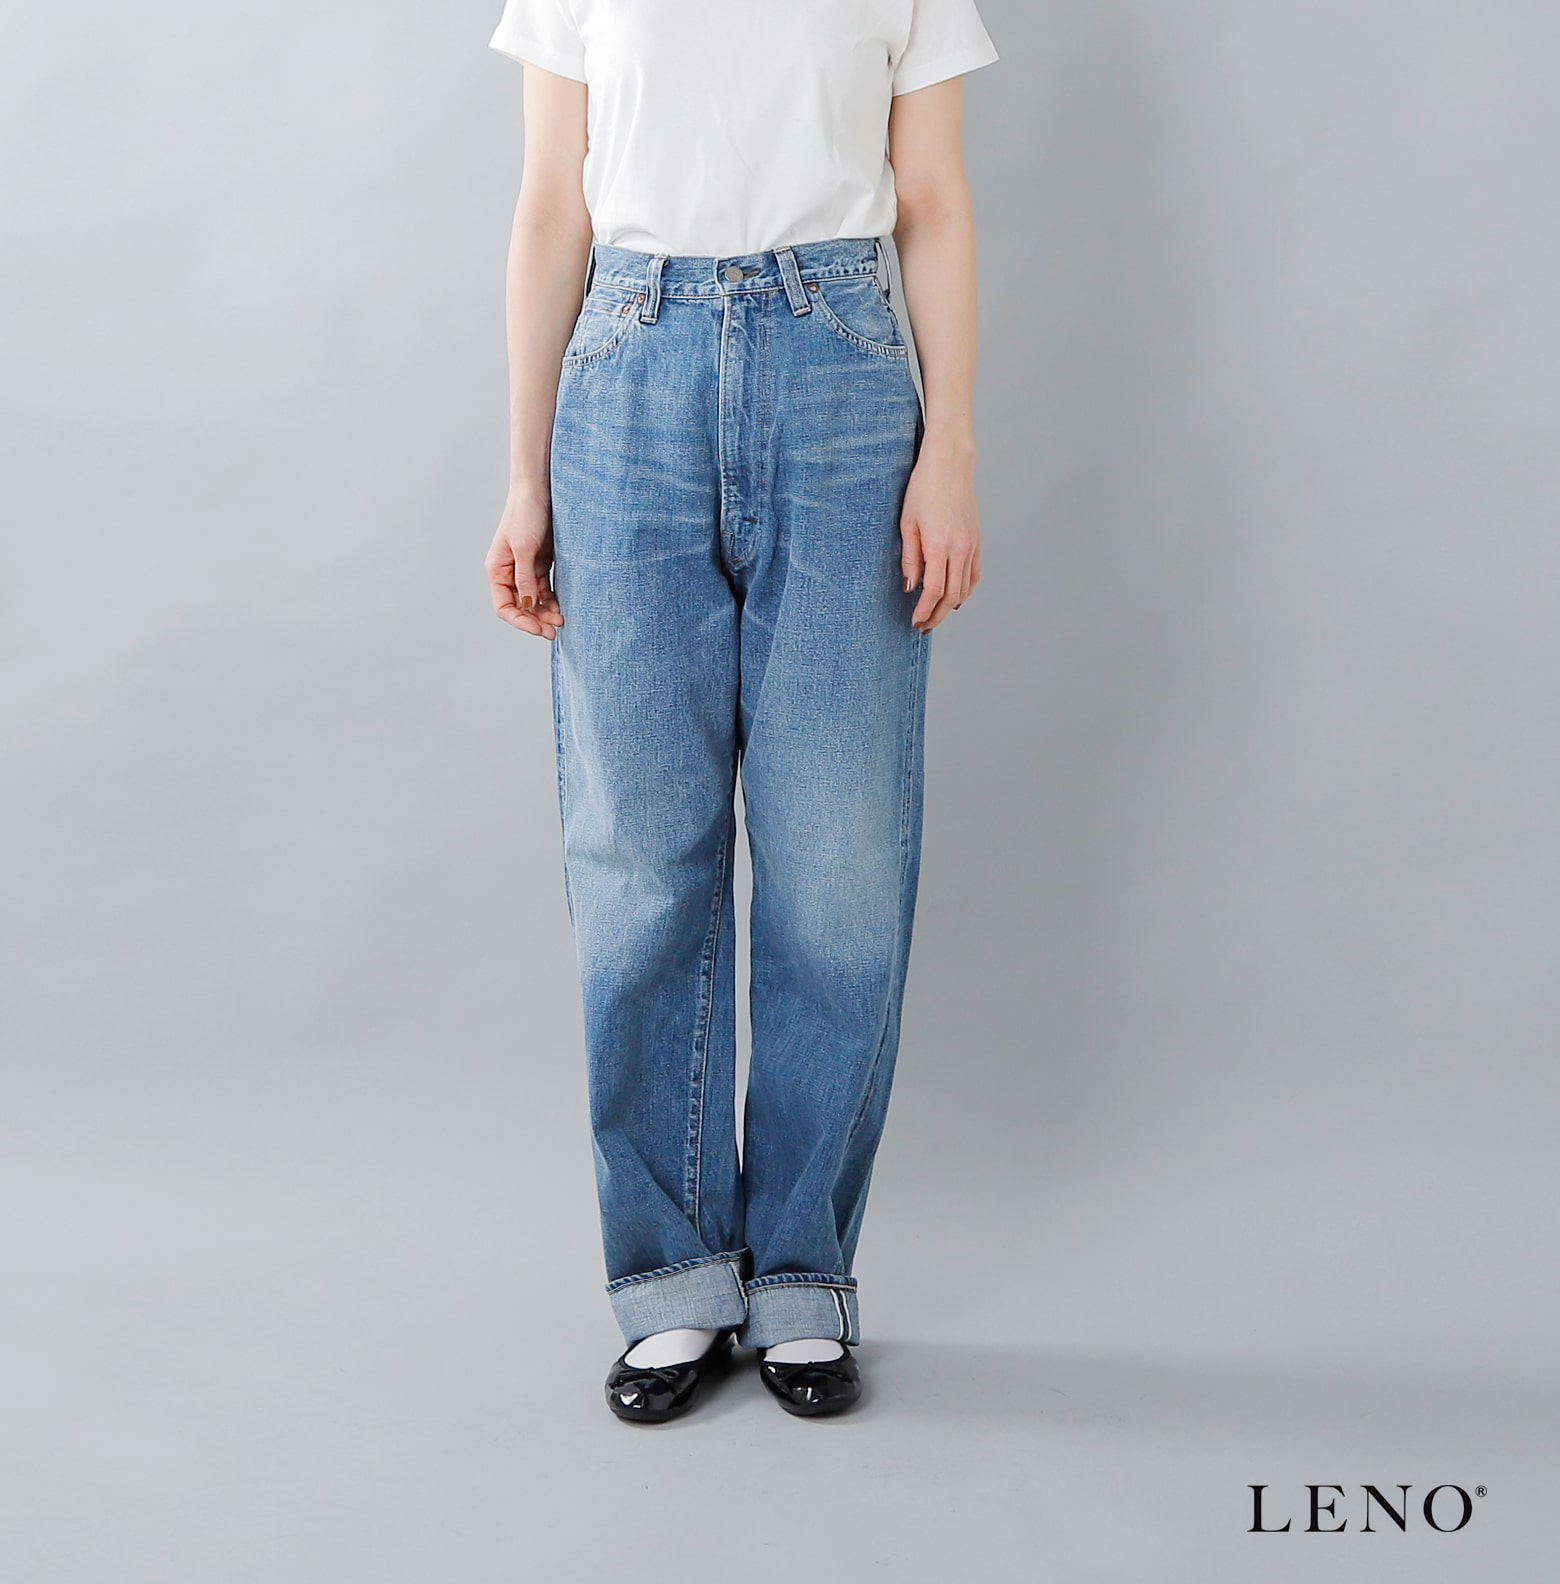 """LENO(リノ)ハイウエストフェードウォッシュジーンズ""""KAY"""" l1901-j005f"""